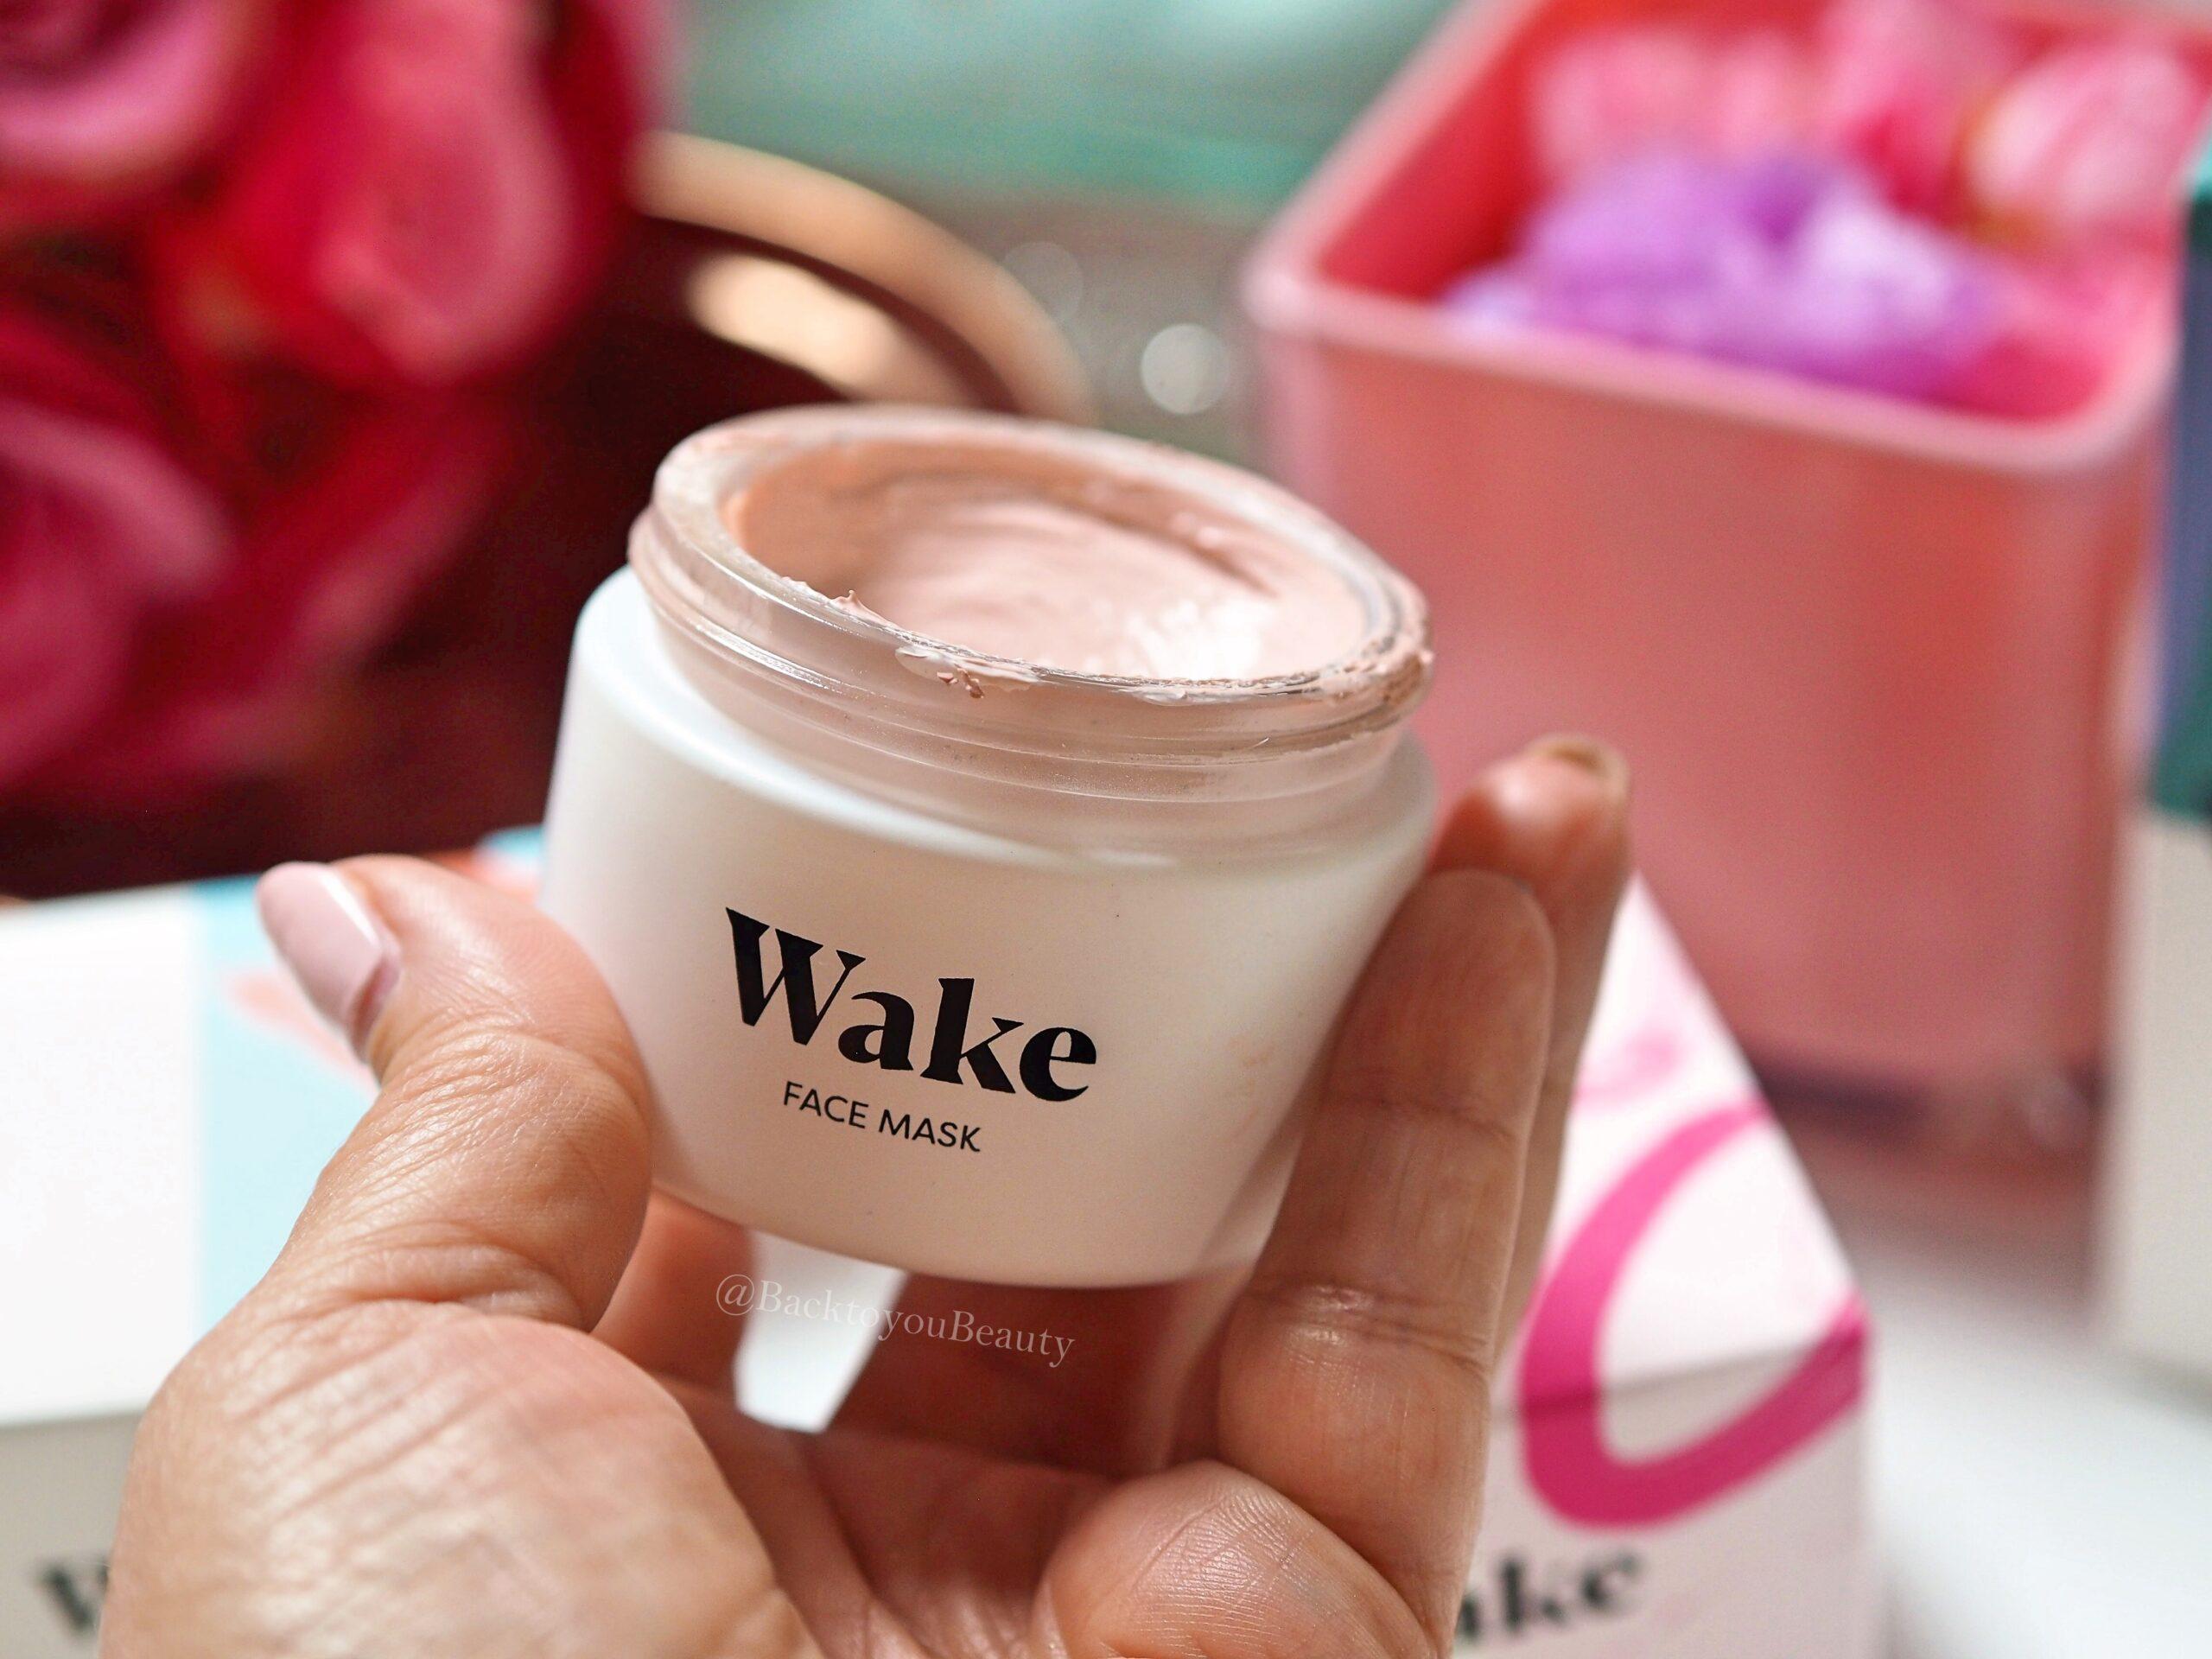 wake face mask